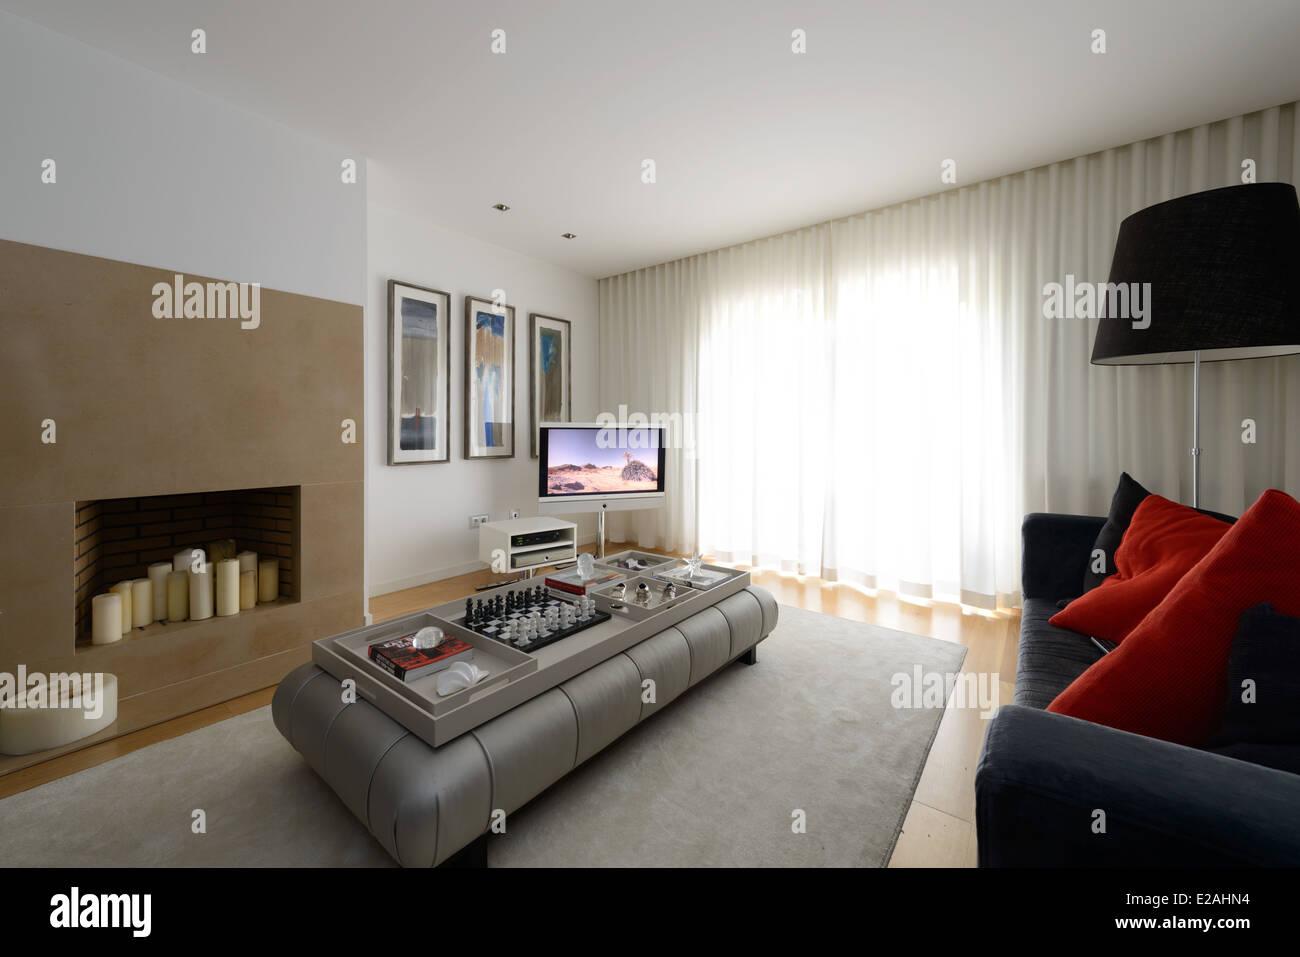 Soggiorno Moderno Con Camino moderno soggiorno con camino foto & immagine stock: 70304224